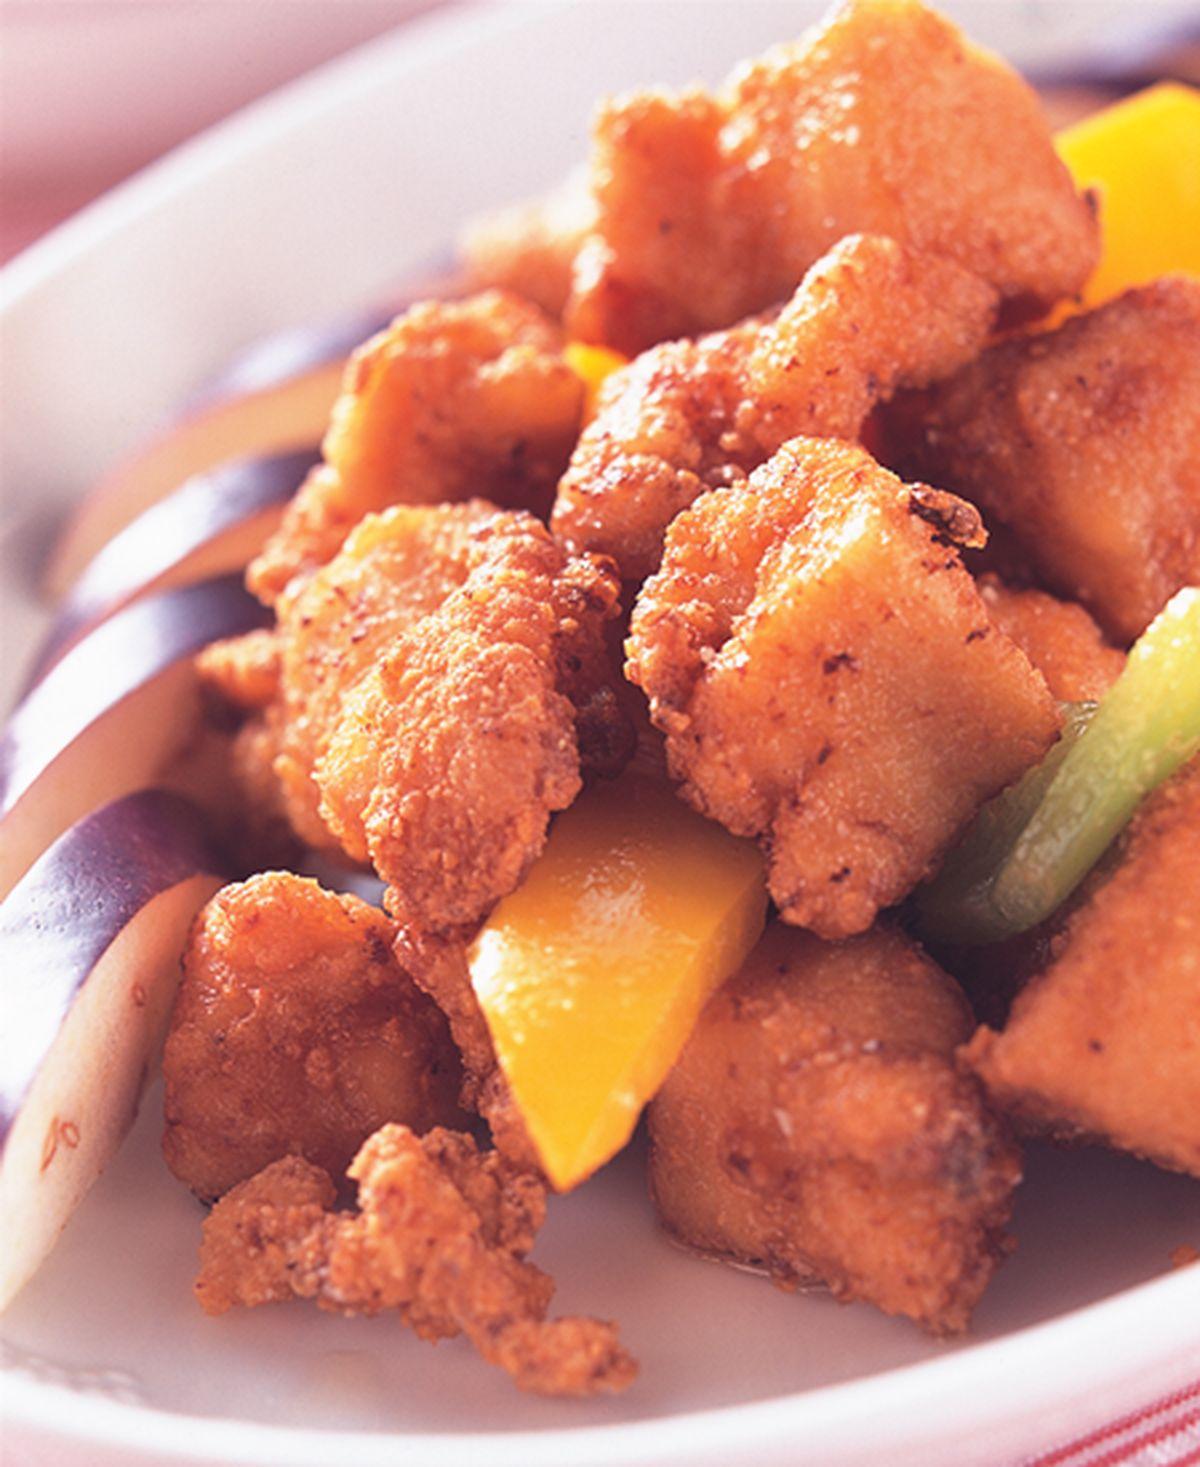 食譜:腐乳炸雞